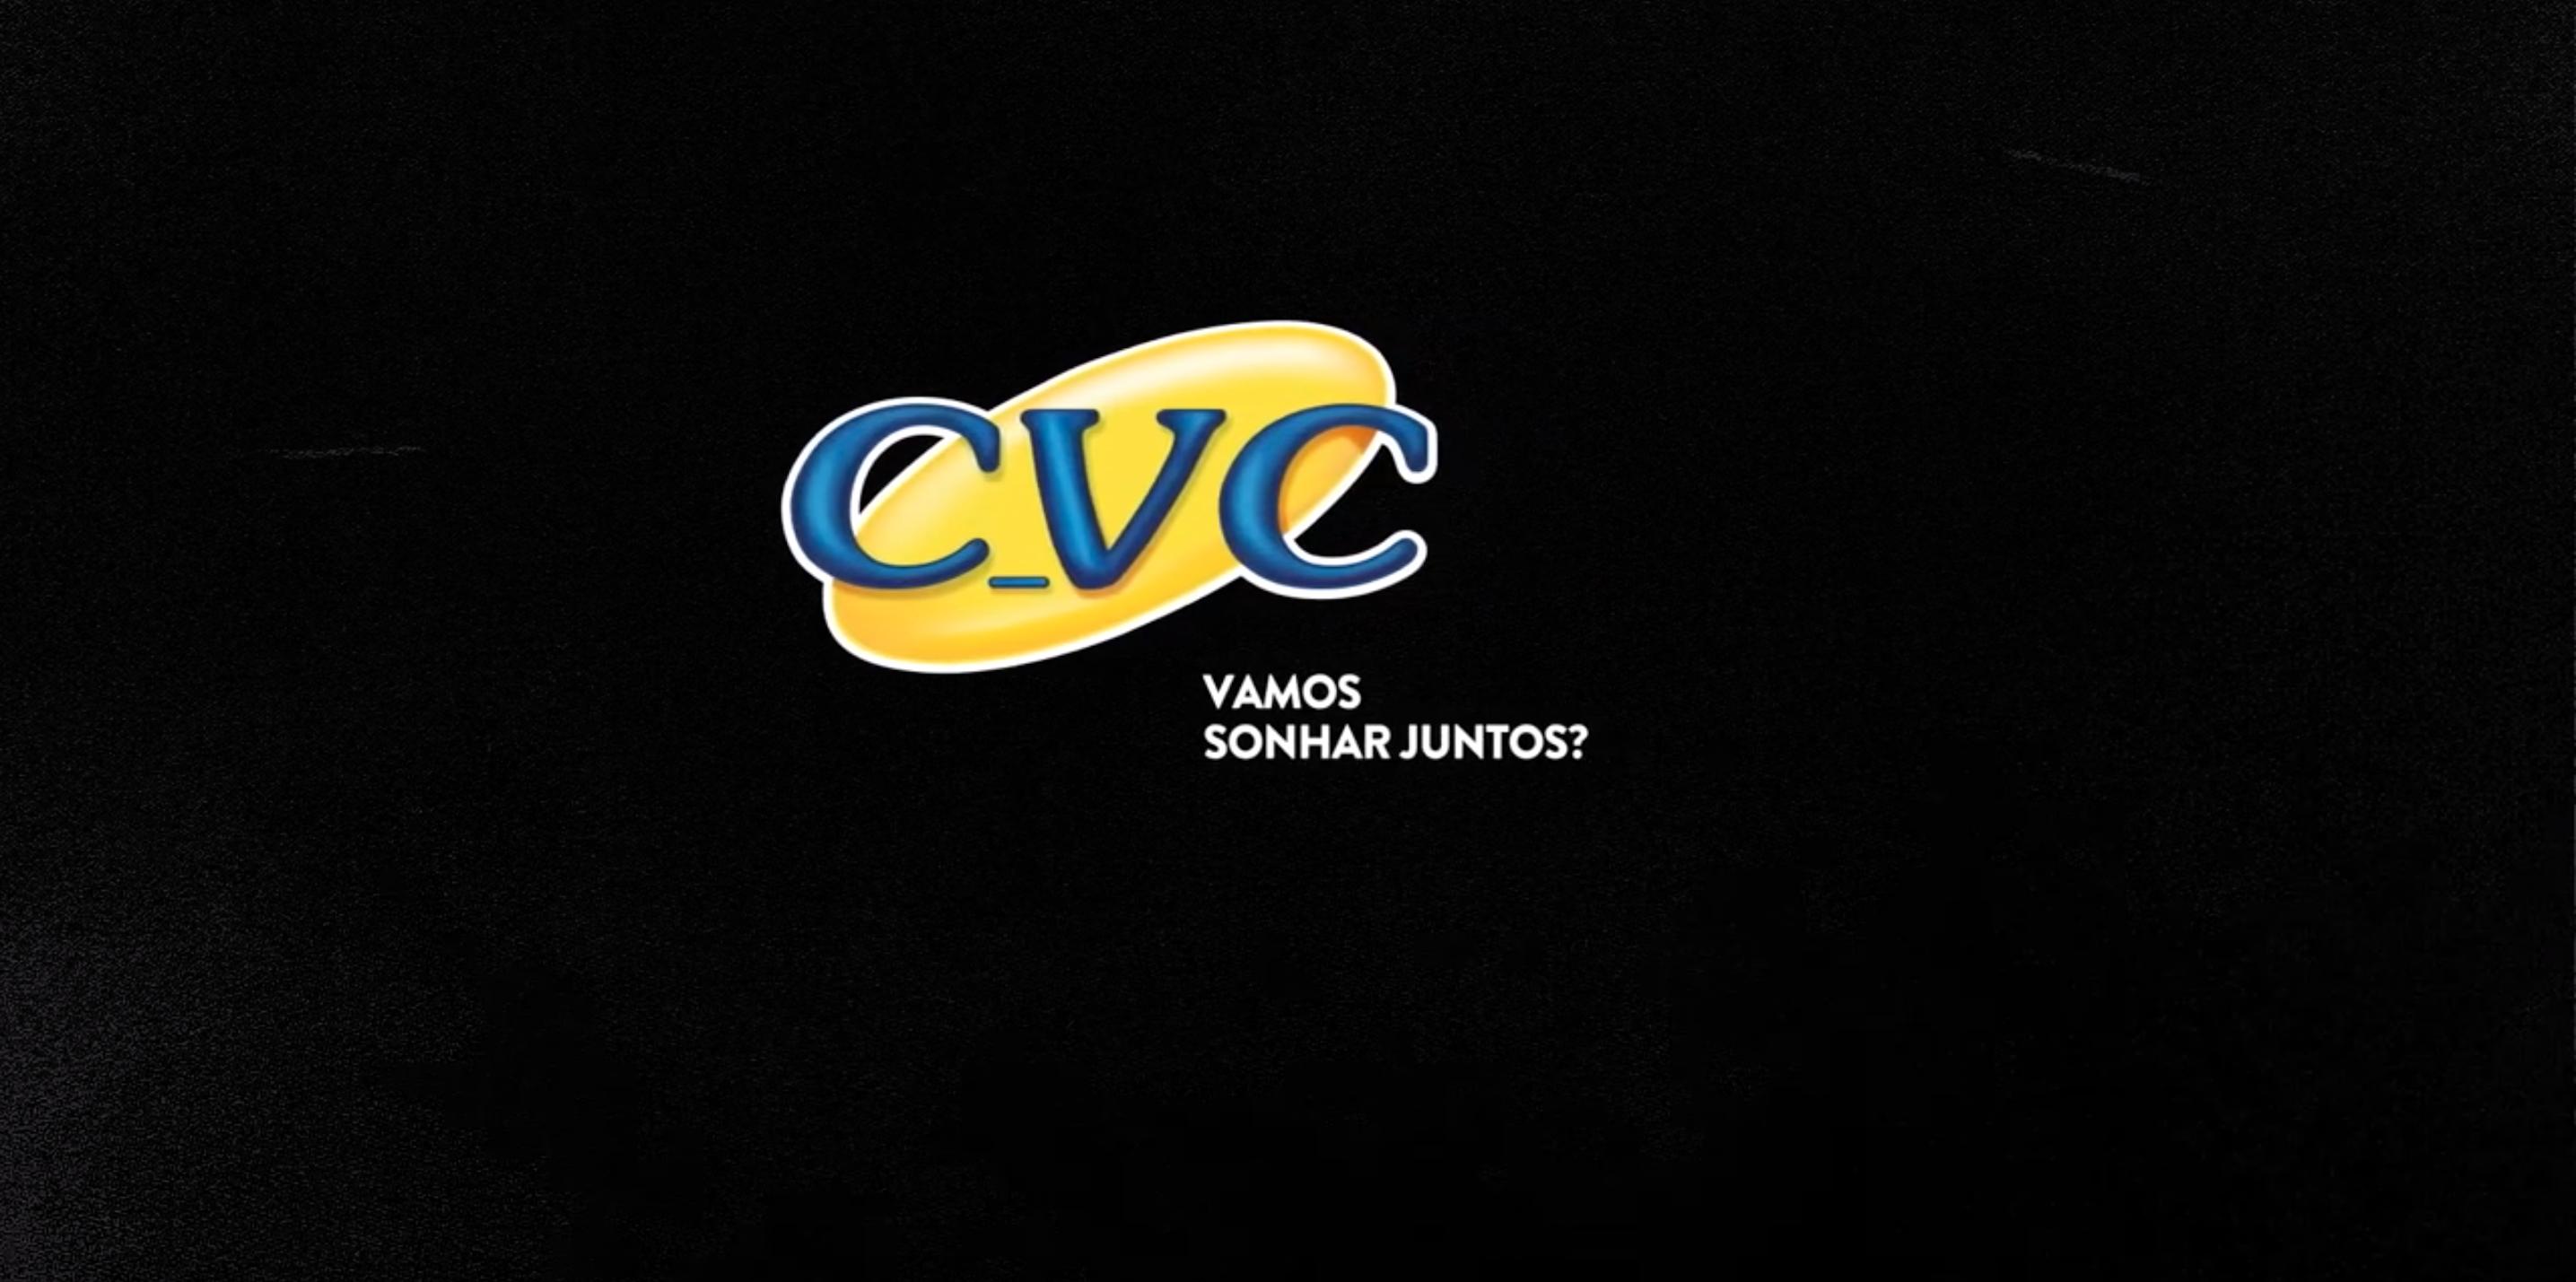 CVC propõe sonhar com a sua próxima viagem em campanha imersiva